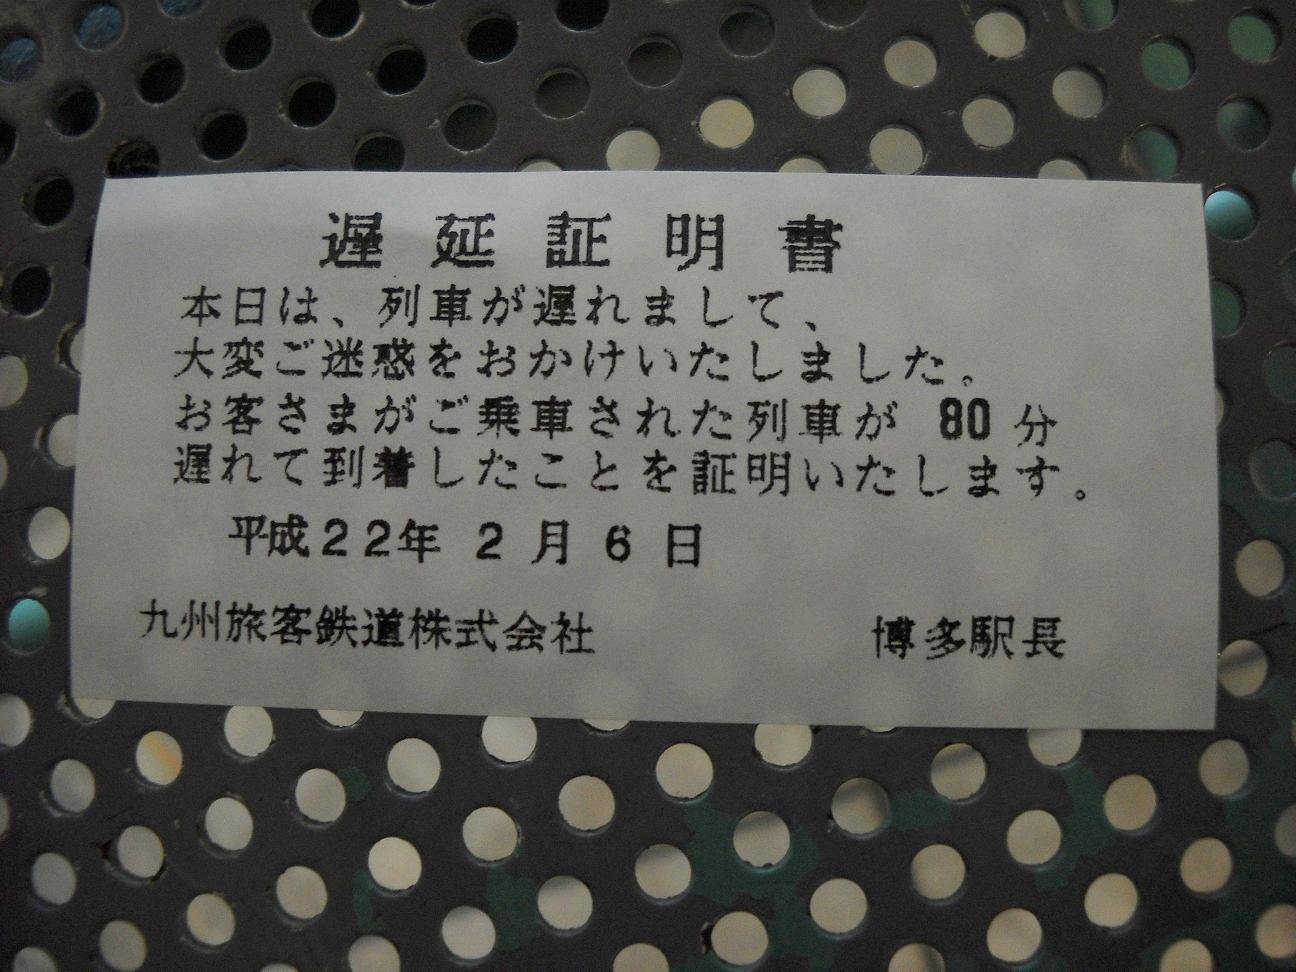 JR九州 遅延証明書 : うもお見ゆ...